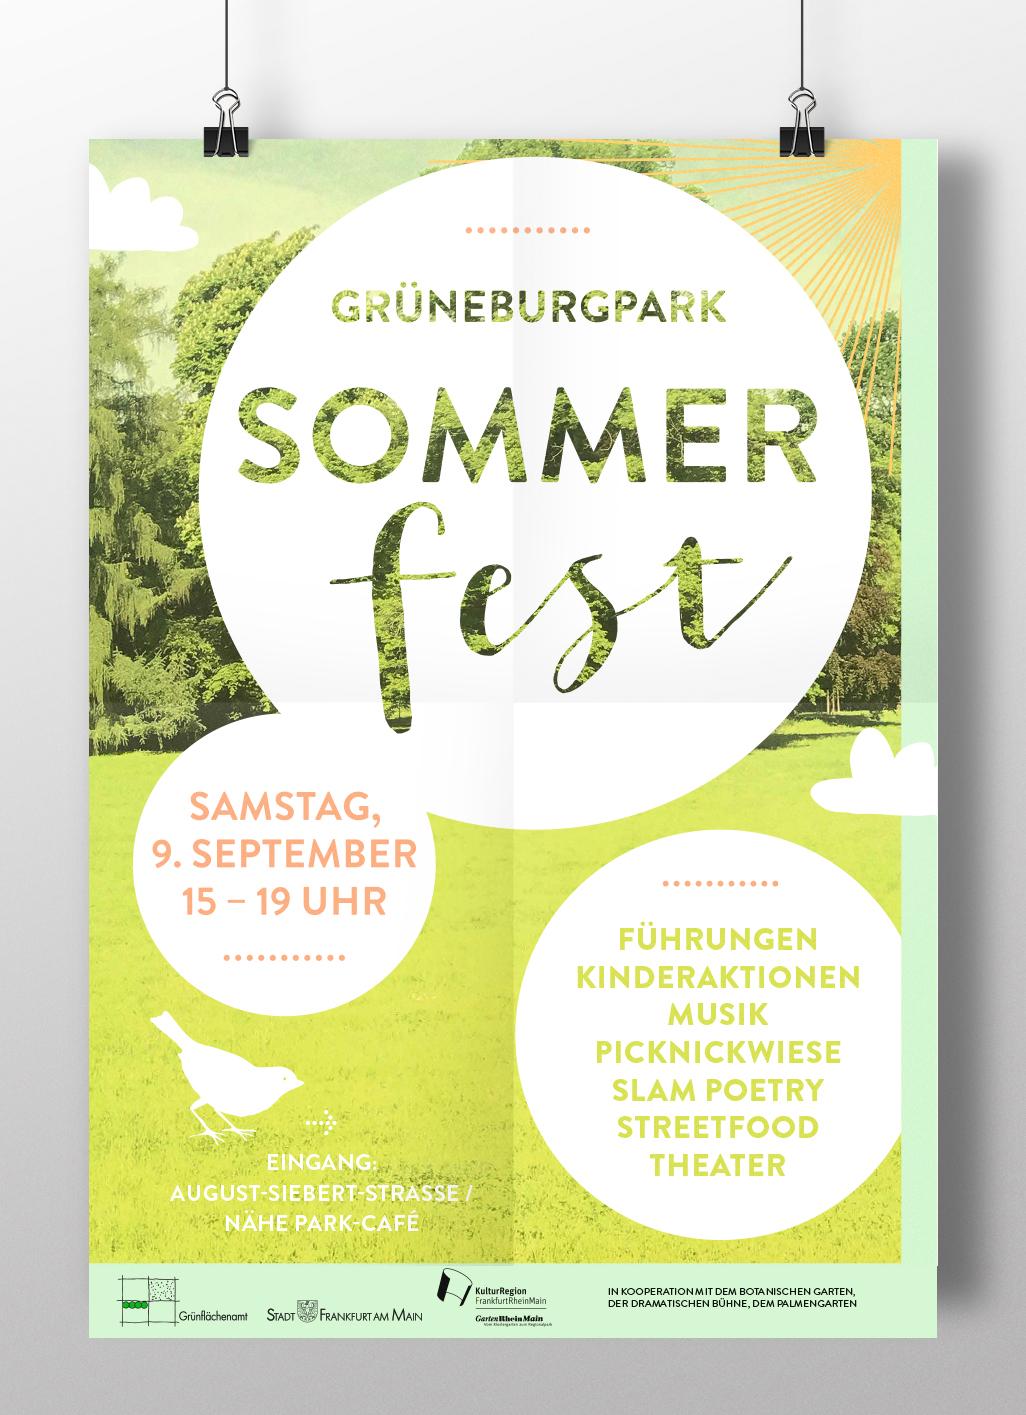 grüneburgpark frankfurt theater